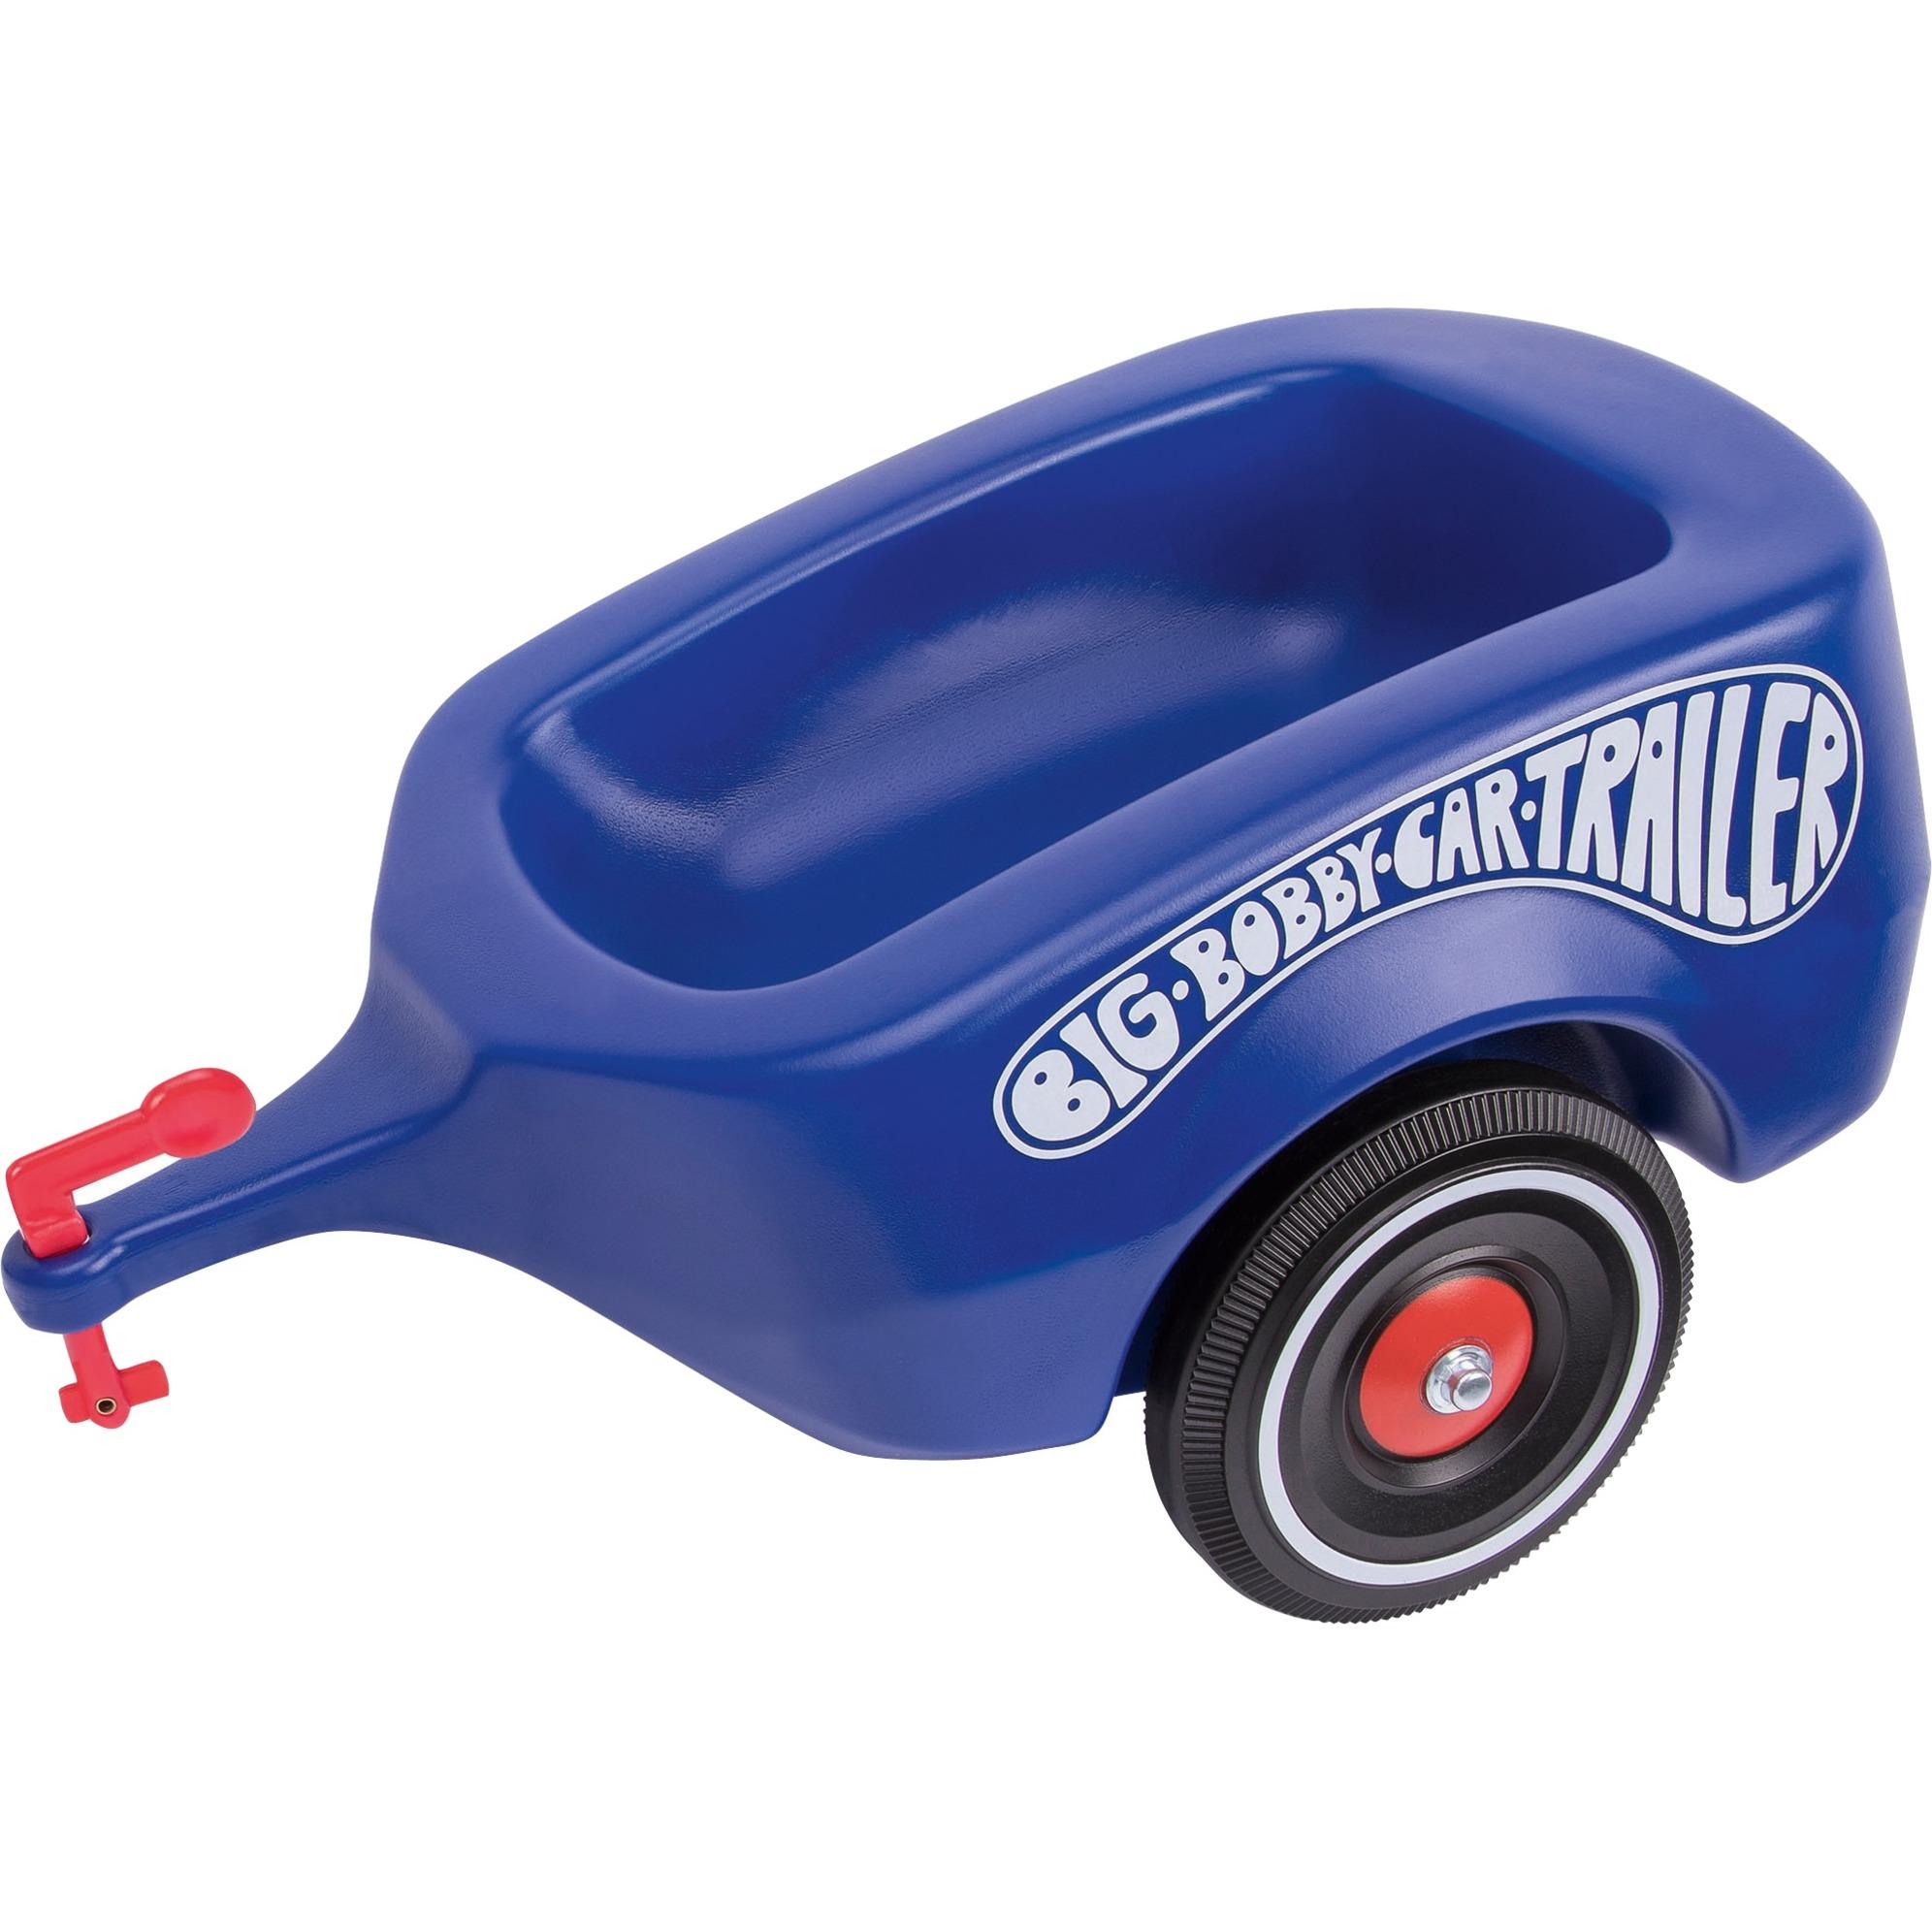 800056277, Automóvil de juguete